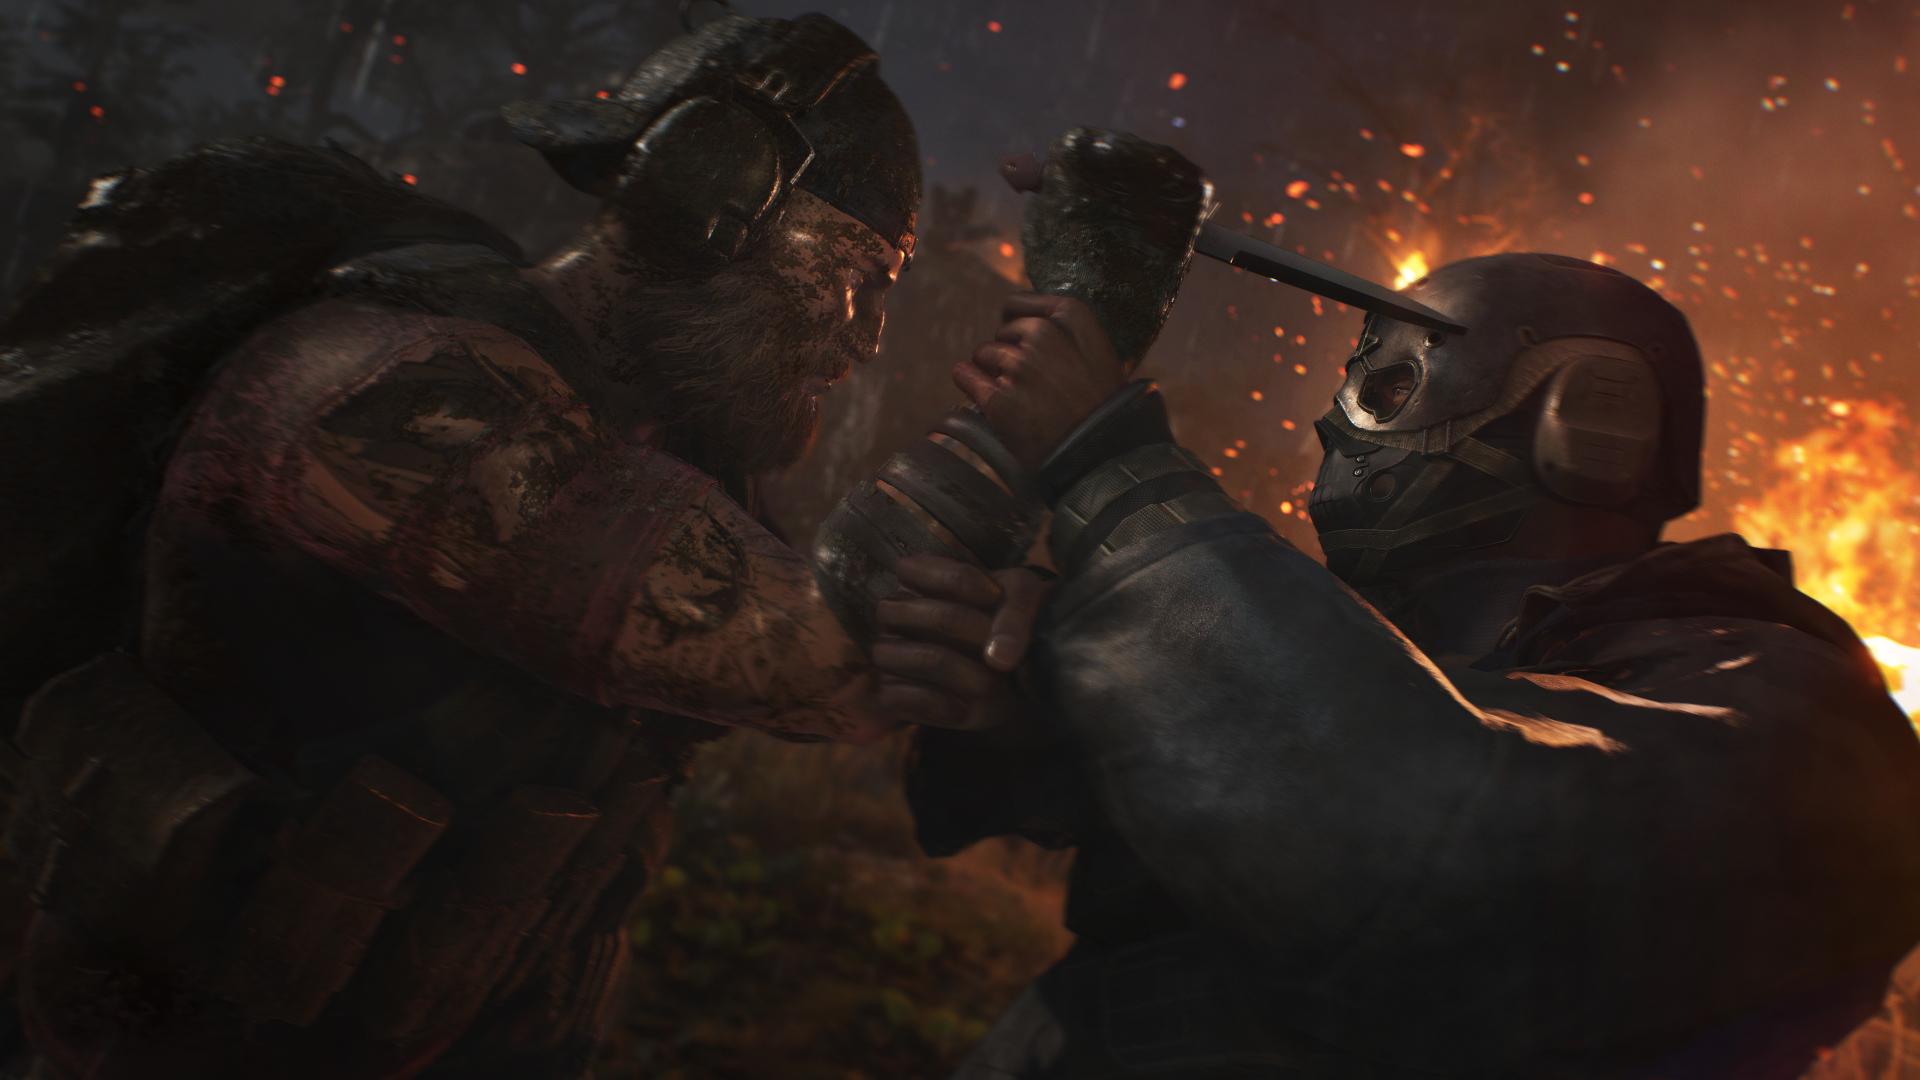 کارگردان Ghost Recon Breakpoint از تنوع ماموریتها در بازی میگوید